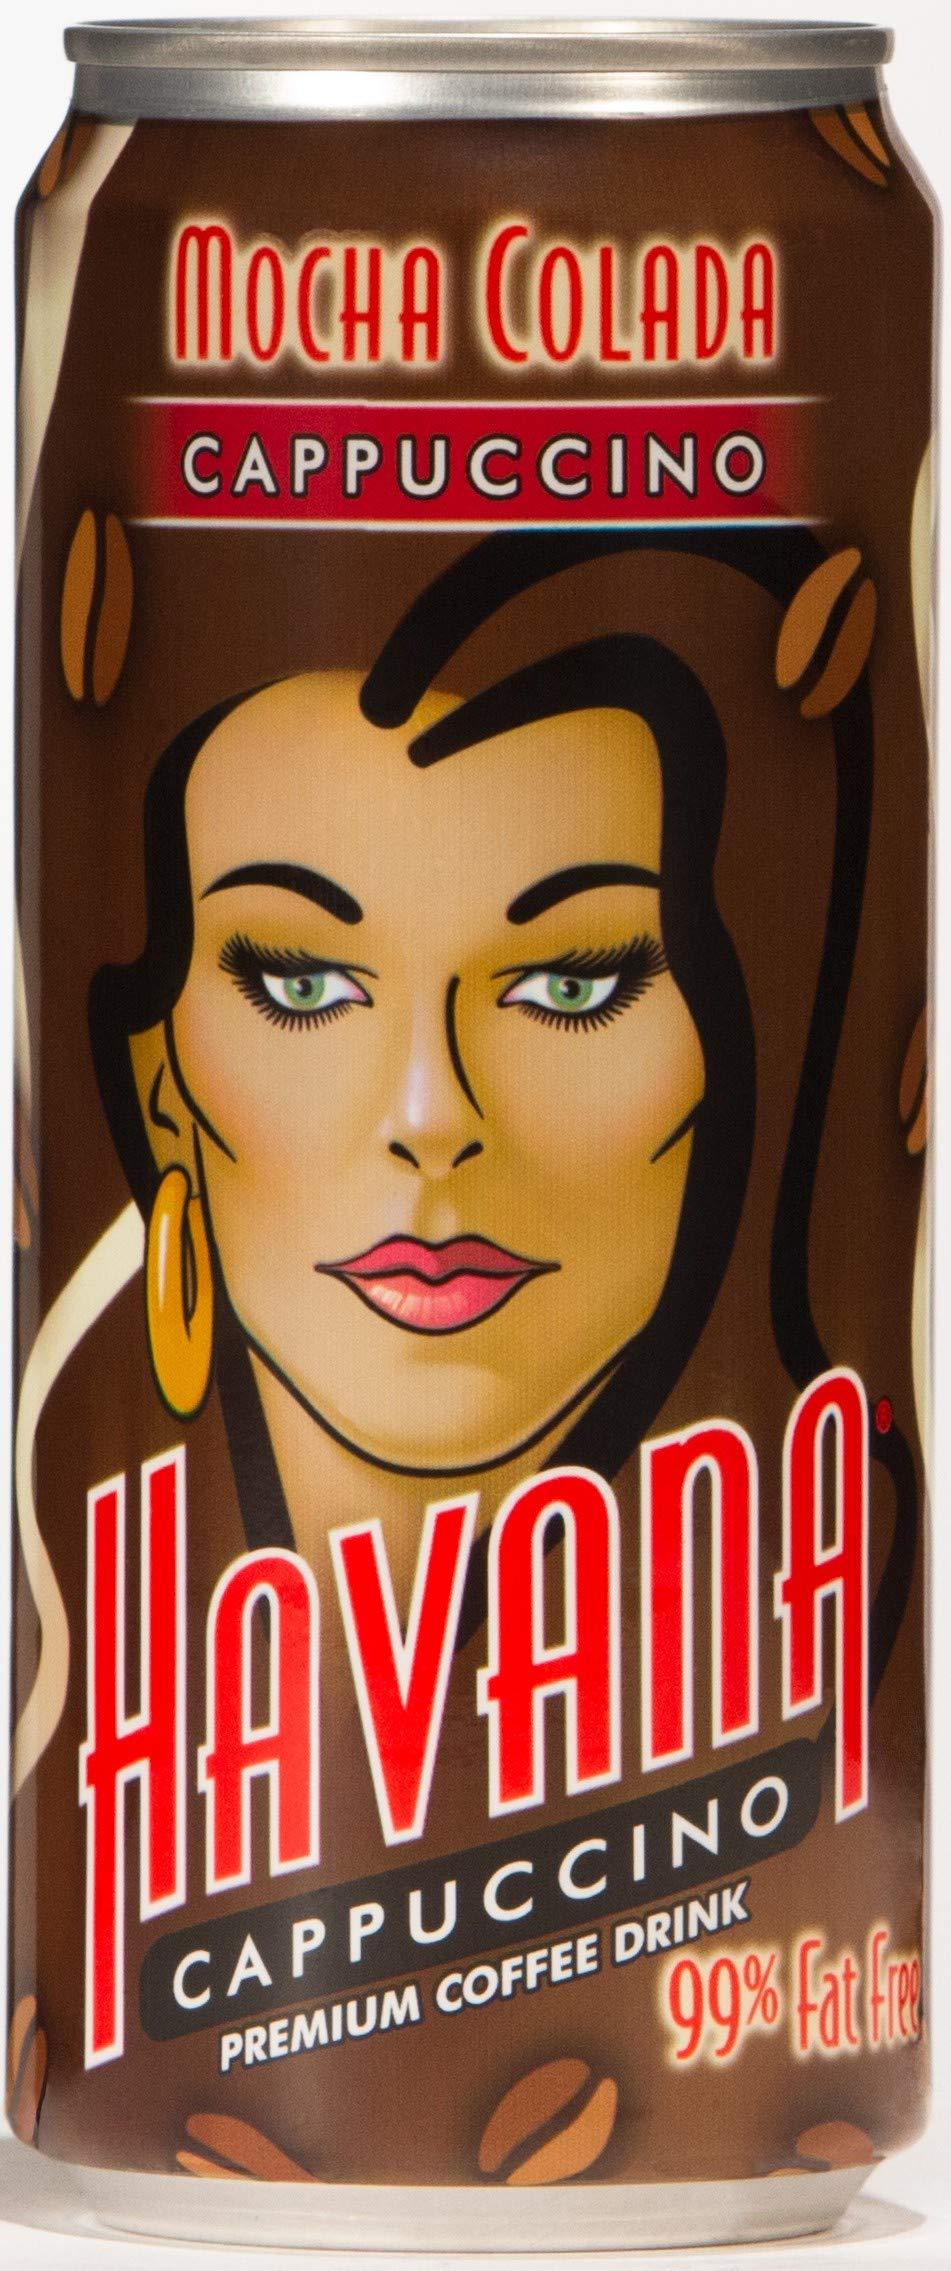 Havana Cappuccino (Mocha Colada)